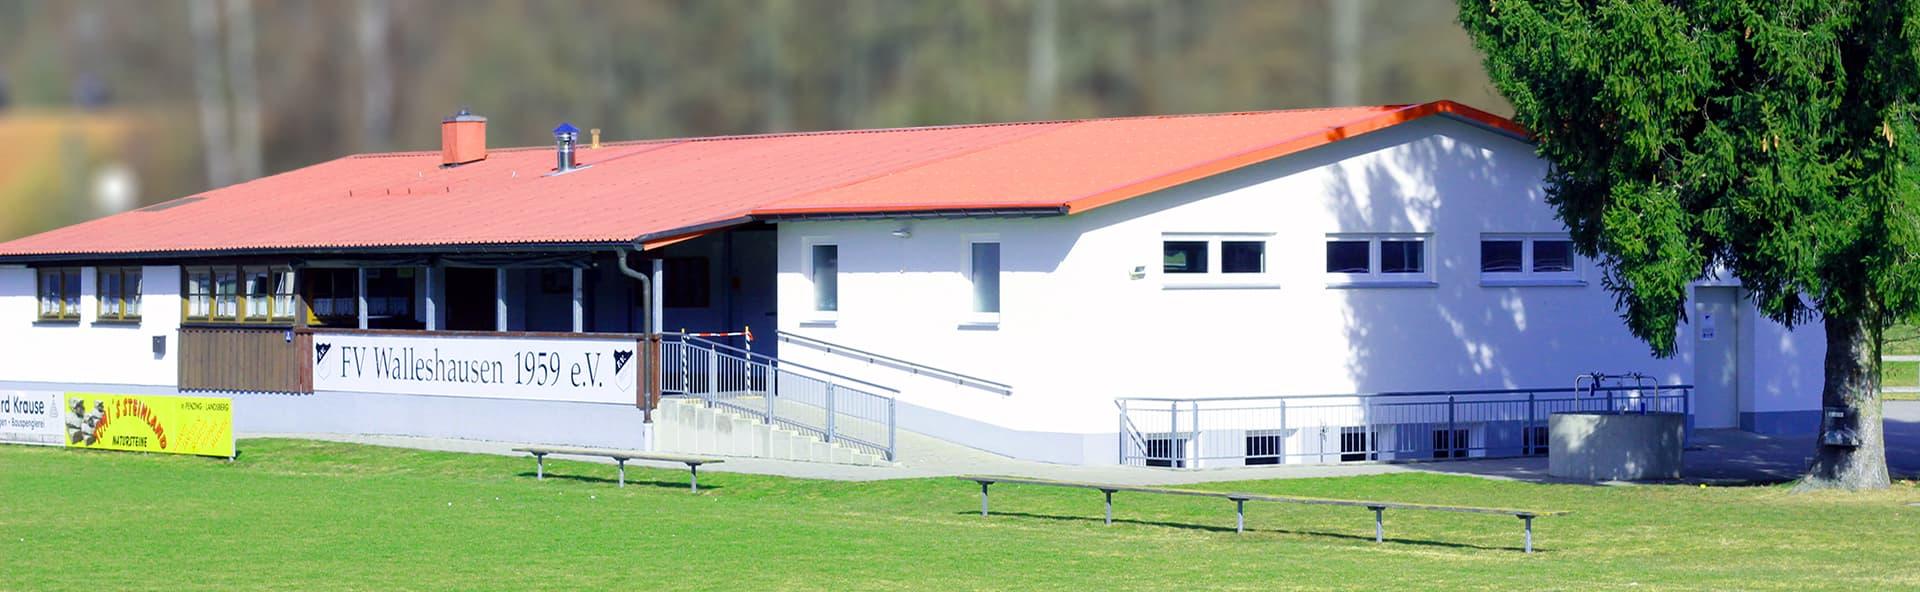 Vereinsheim FV Walleshausen